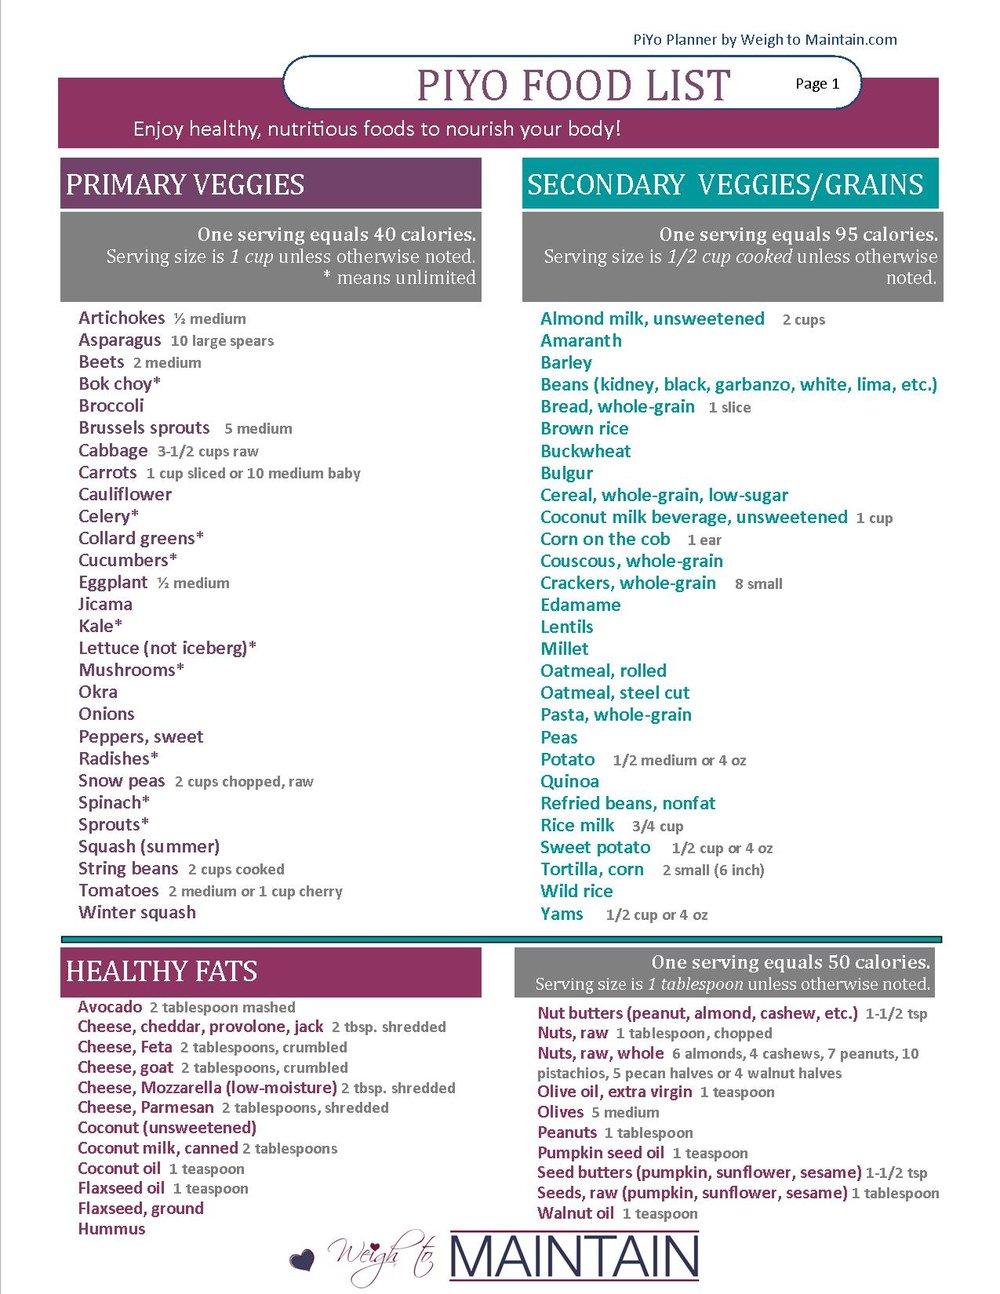 PiYo-Food-List-updated.jpg